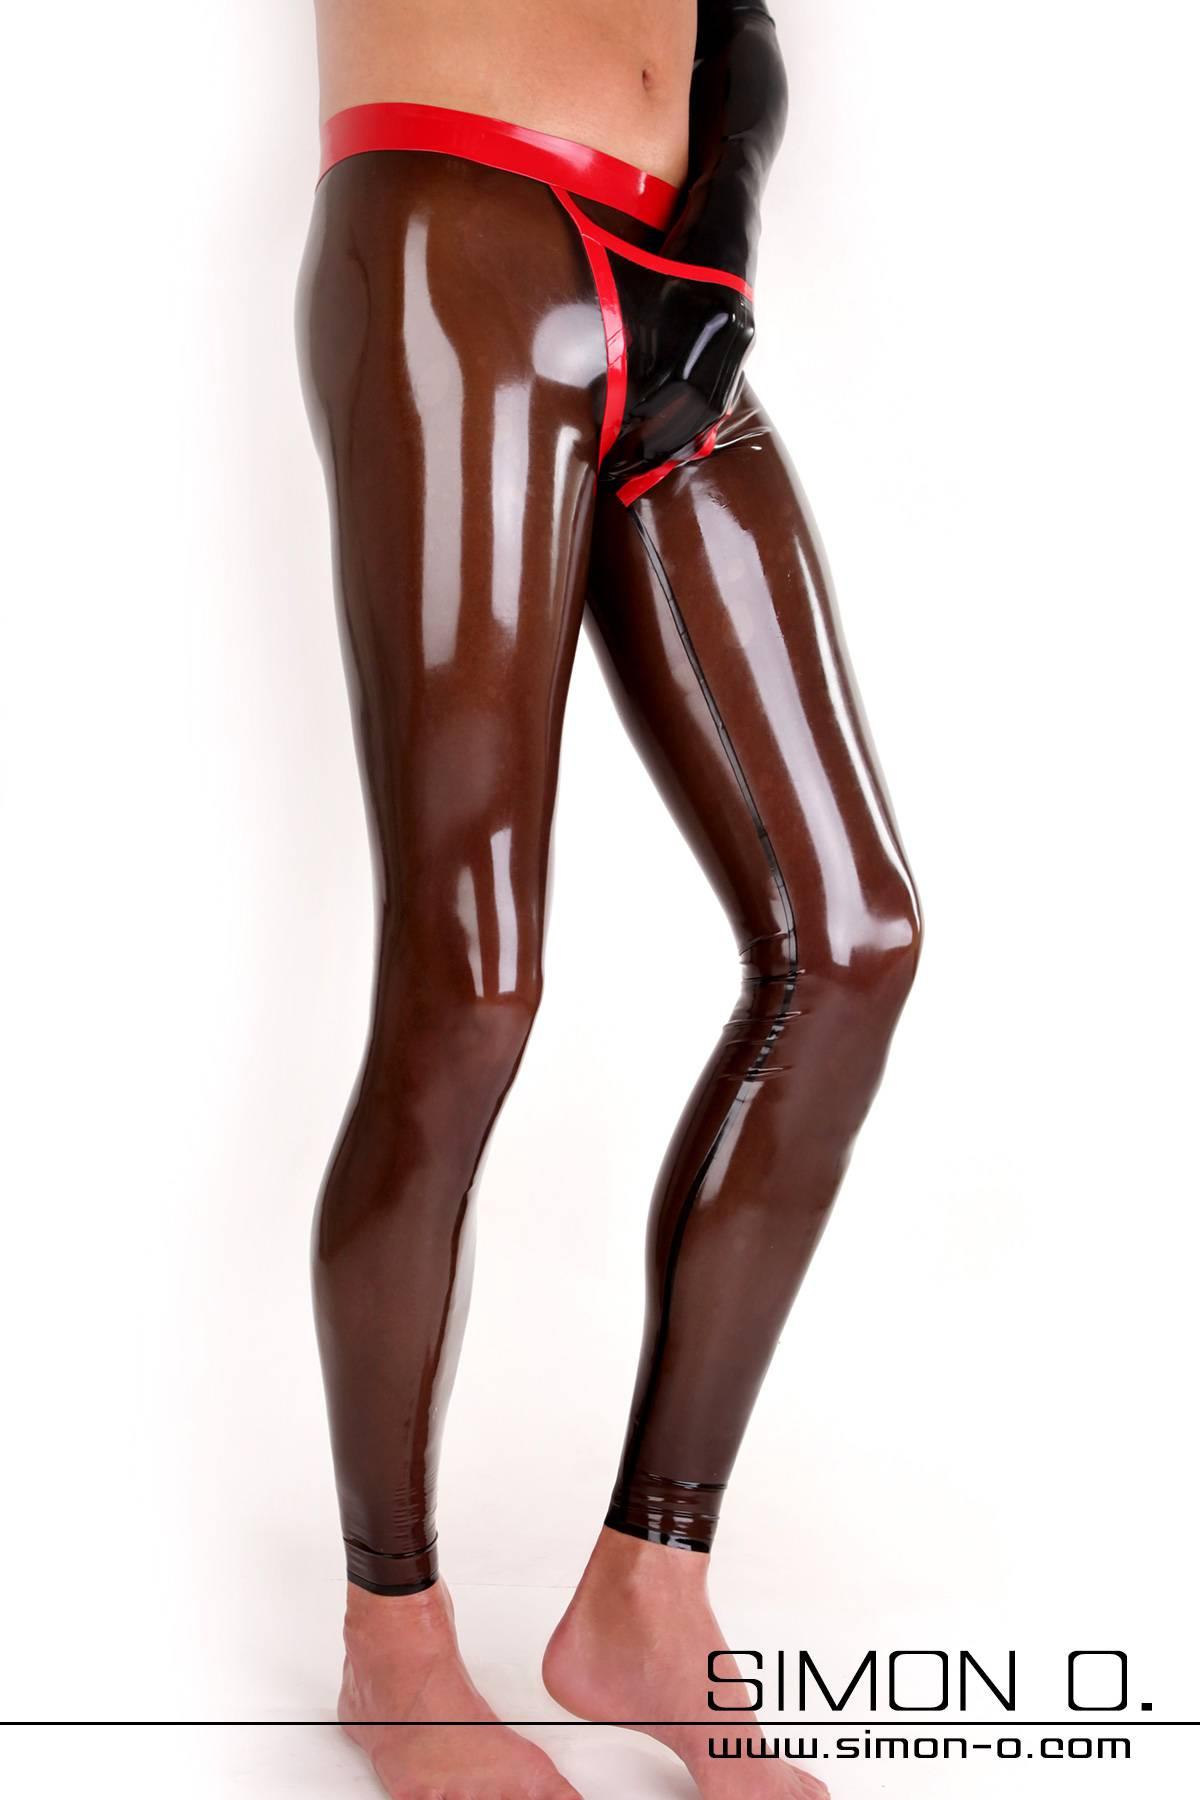 Sexy Herren Leggings aus Latex mit praktischen schön gestalteten Eingriff vorne Der Bund dieser Leggings ist verstärkt und doppelt umrandet. Ebenso die Naht …